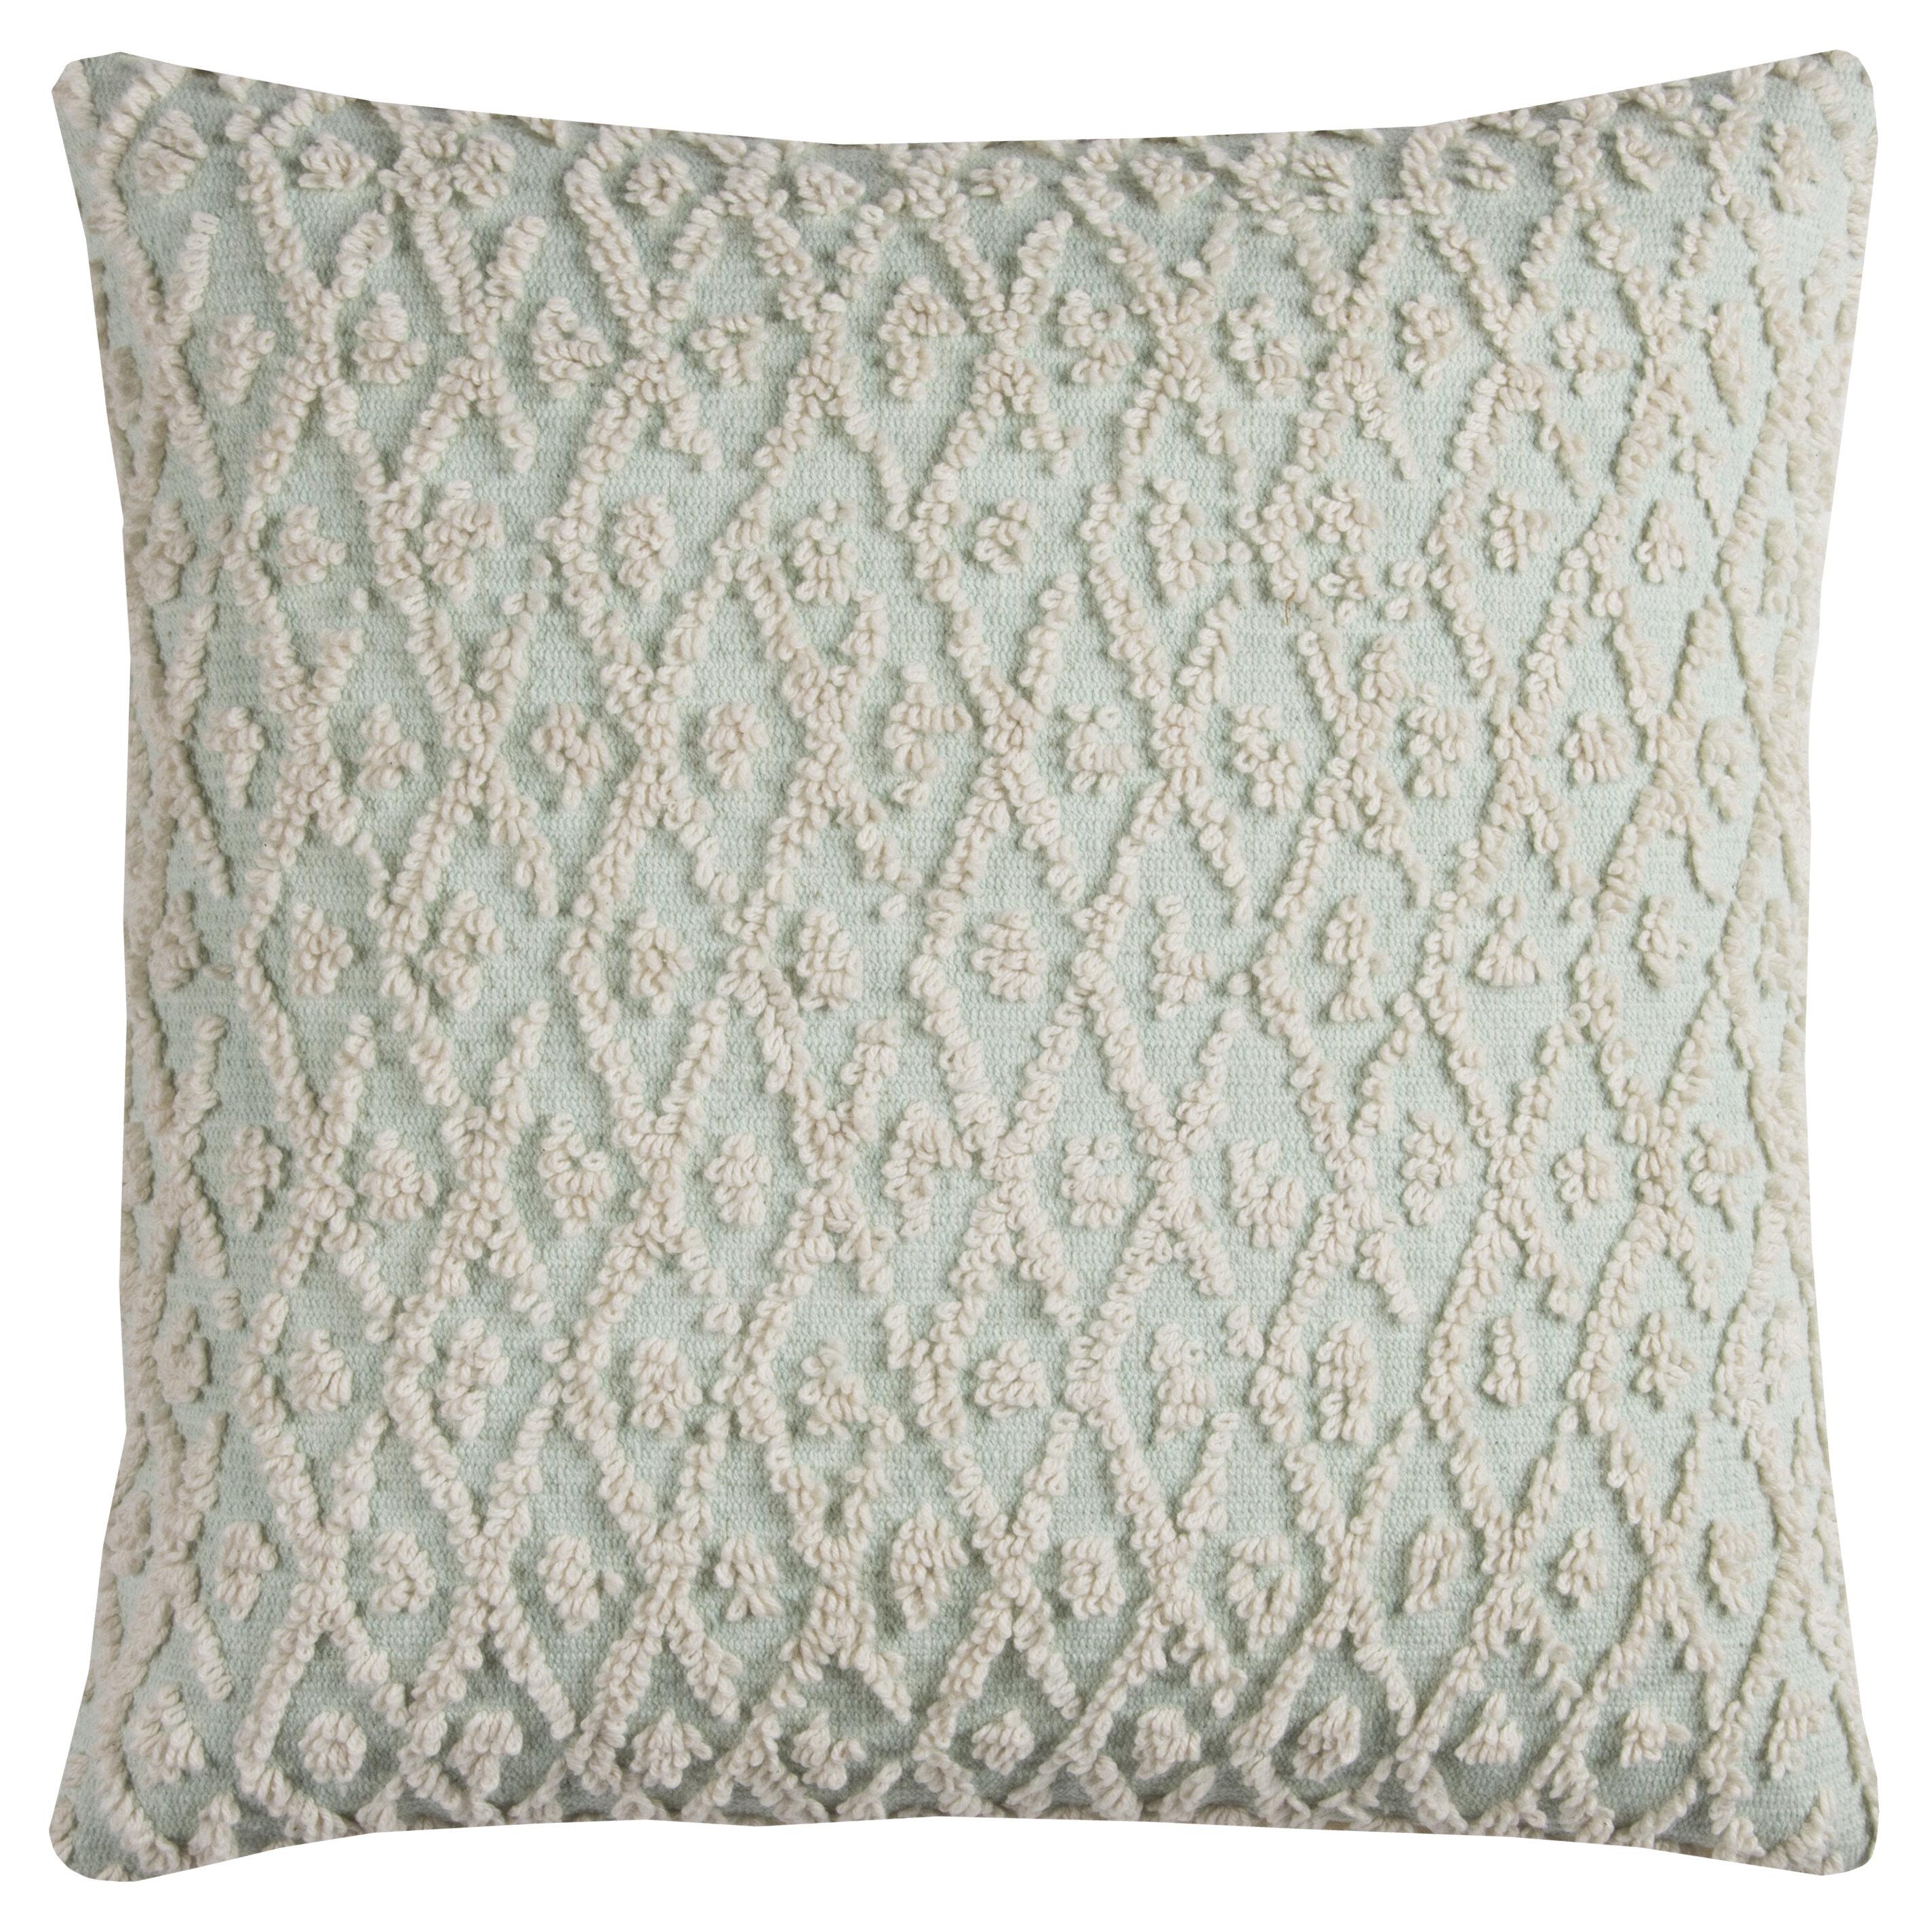 Birch Lane™ Diamond 100% Cotton Pillow Cover & Reviews | Birch Lane